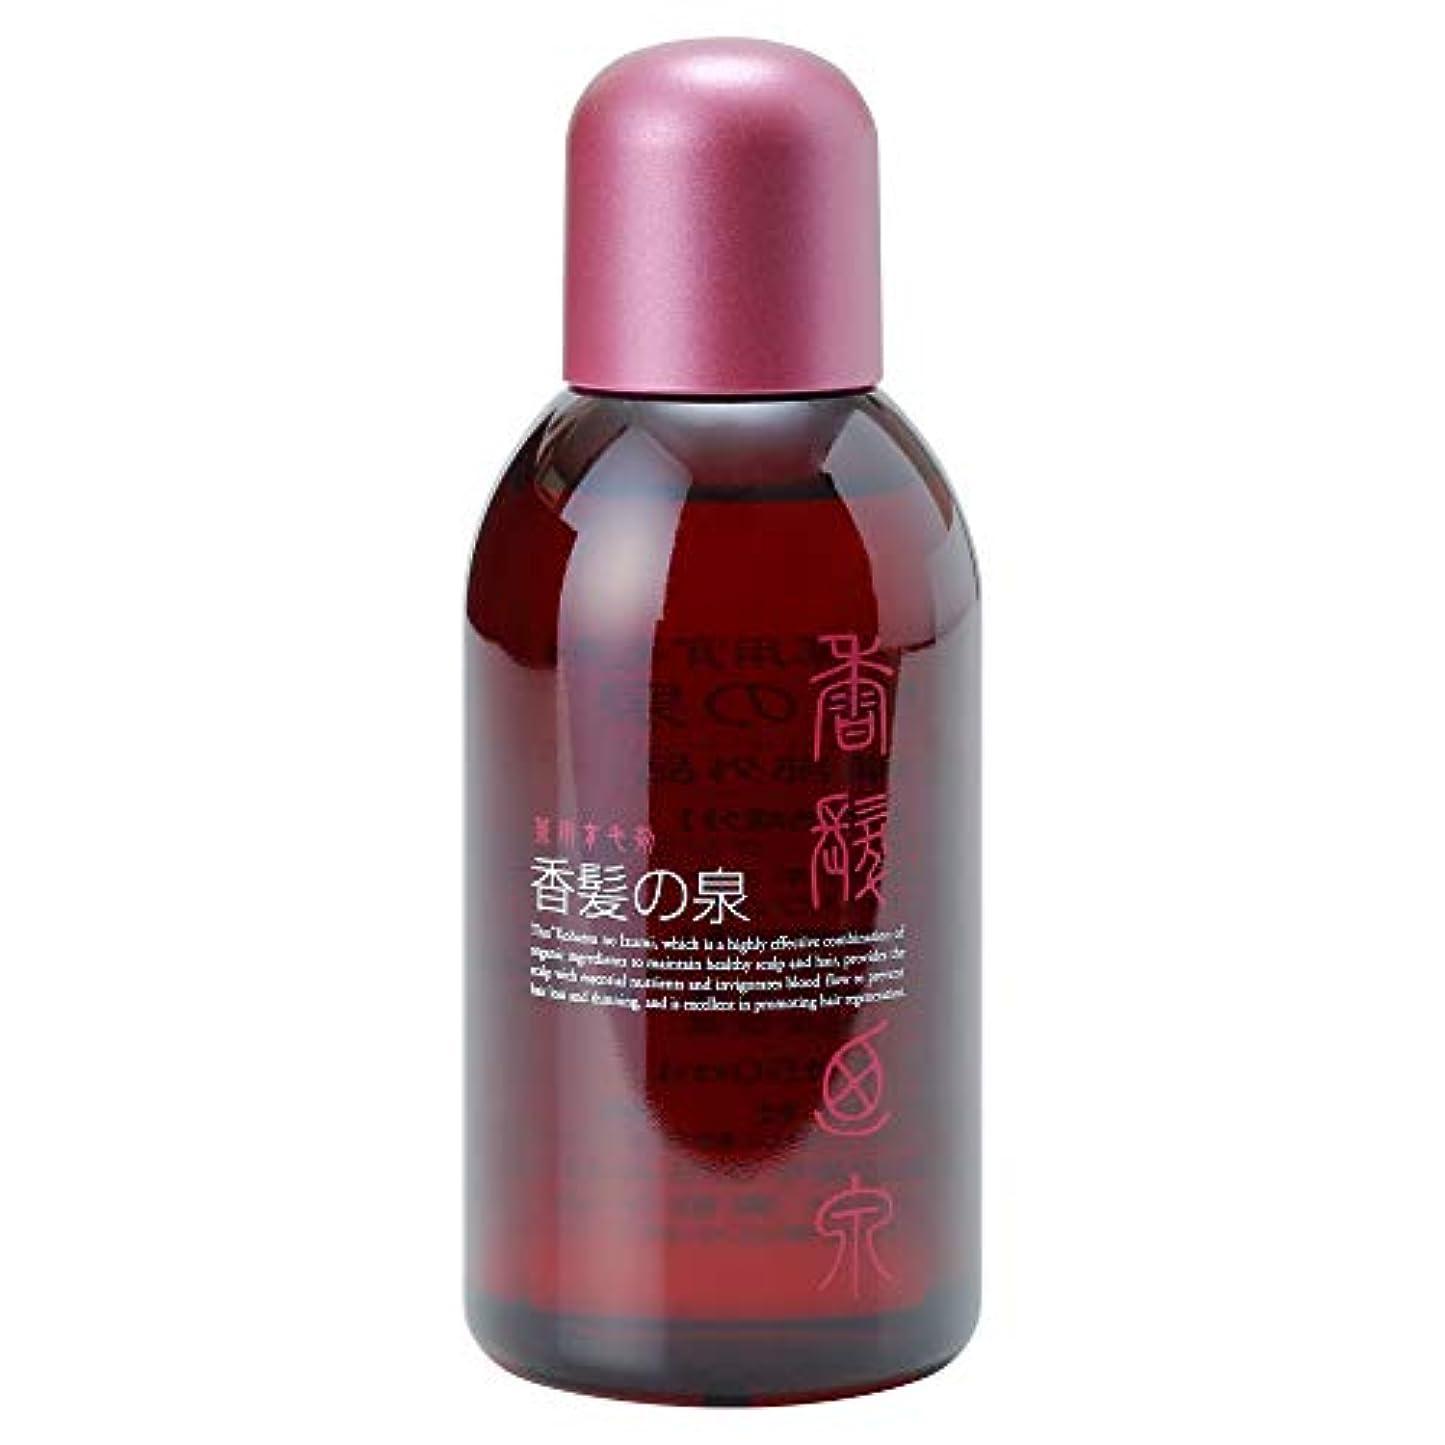 ギャラントリー許す国際アミノン薬用育毛剤 香髪の泉 150mL